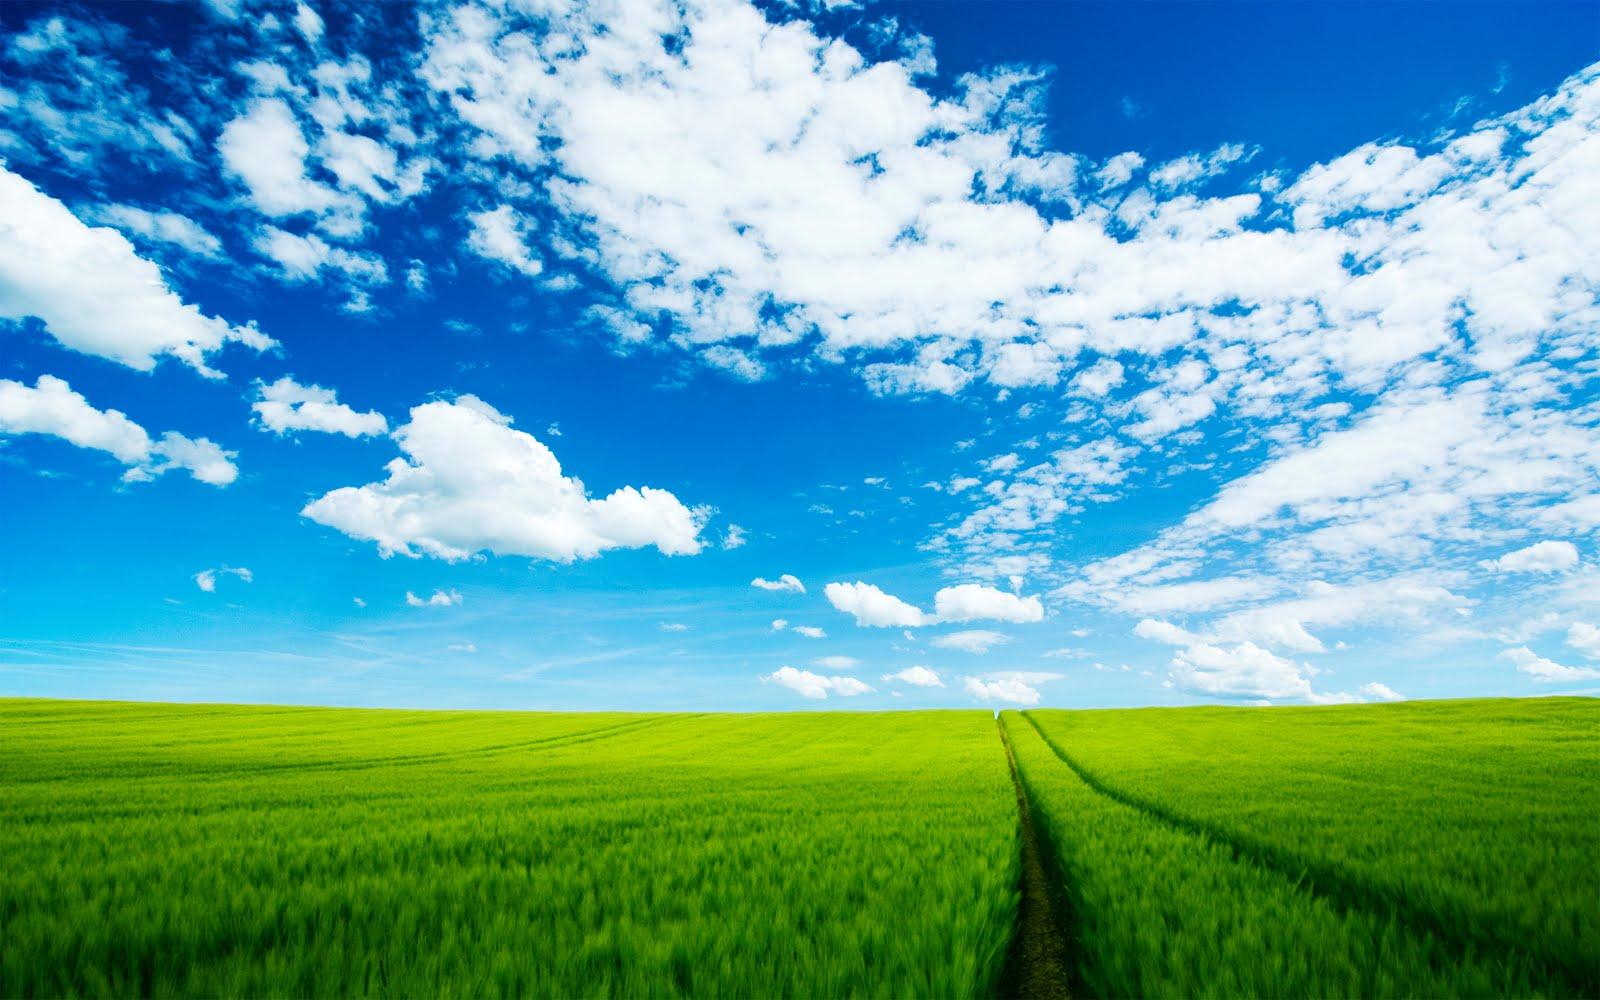 http://2.bp.blogspot.com/-BwQzsS7ekE4/TdIHeNkcLHI/AAAAAAAAAFM/3rn7r_DLy5o/s1600/Beautiful+HD+Nature+Green+And+Blue+Sky+Wallpaper+-+FreeHDWall.Blogspot.Com.jpg